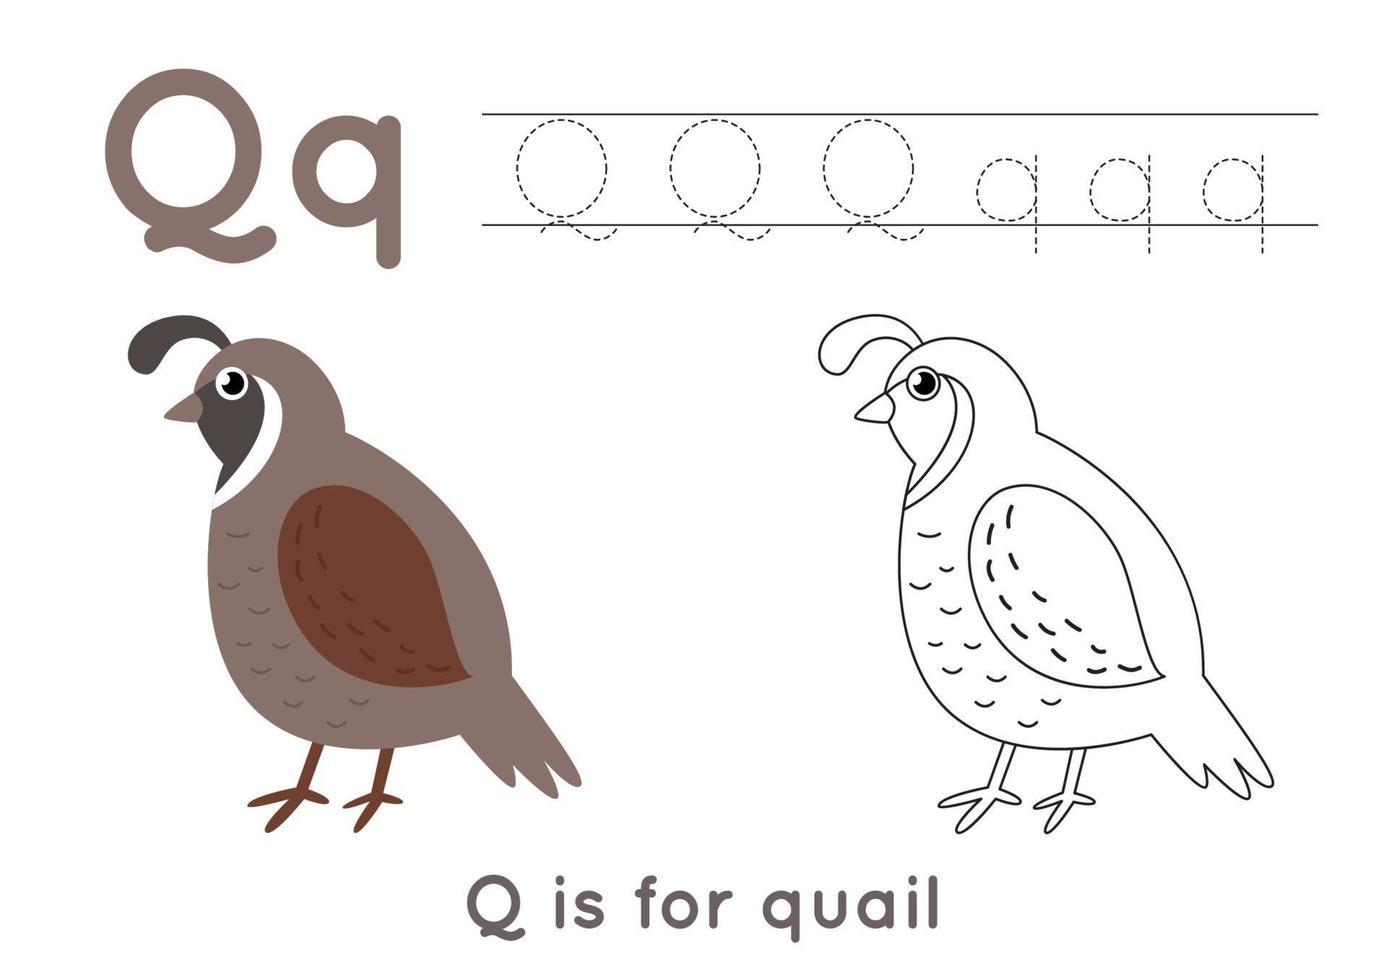 kleurplaat met letter q en schattige cartoon kwartel. vector